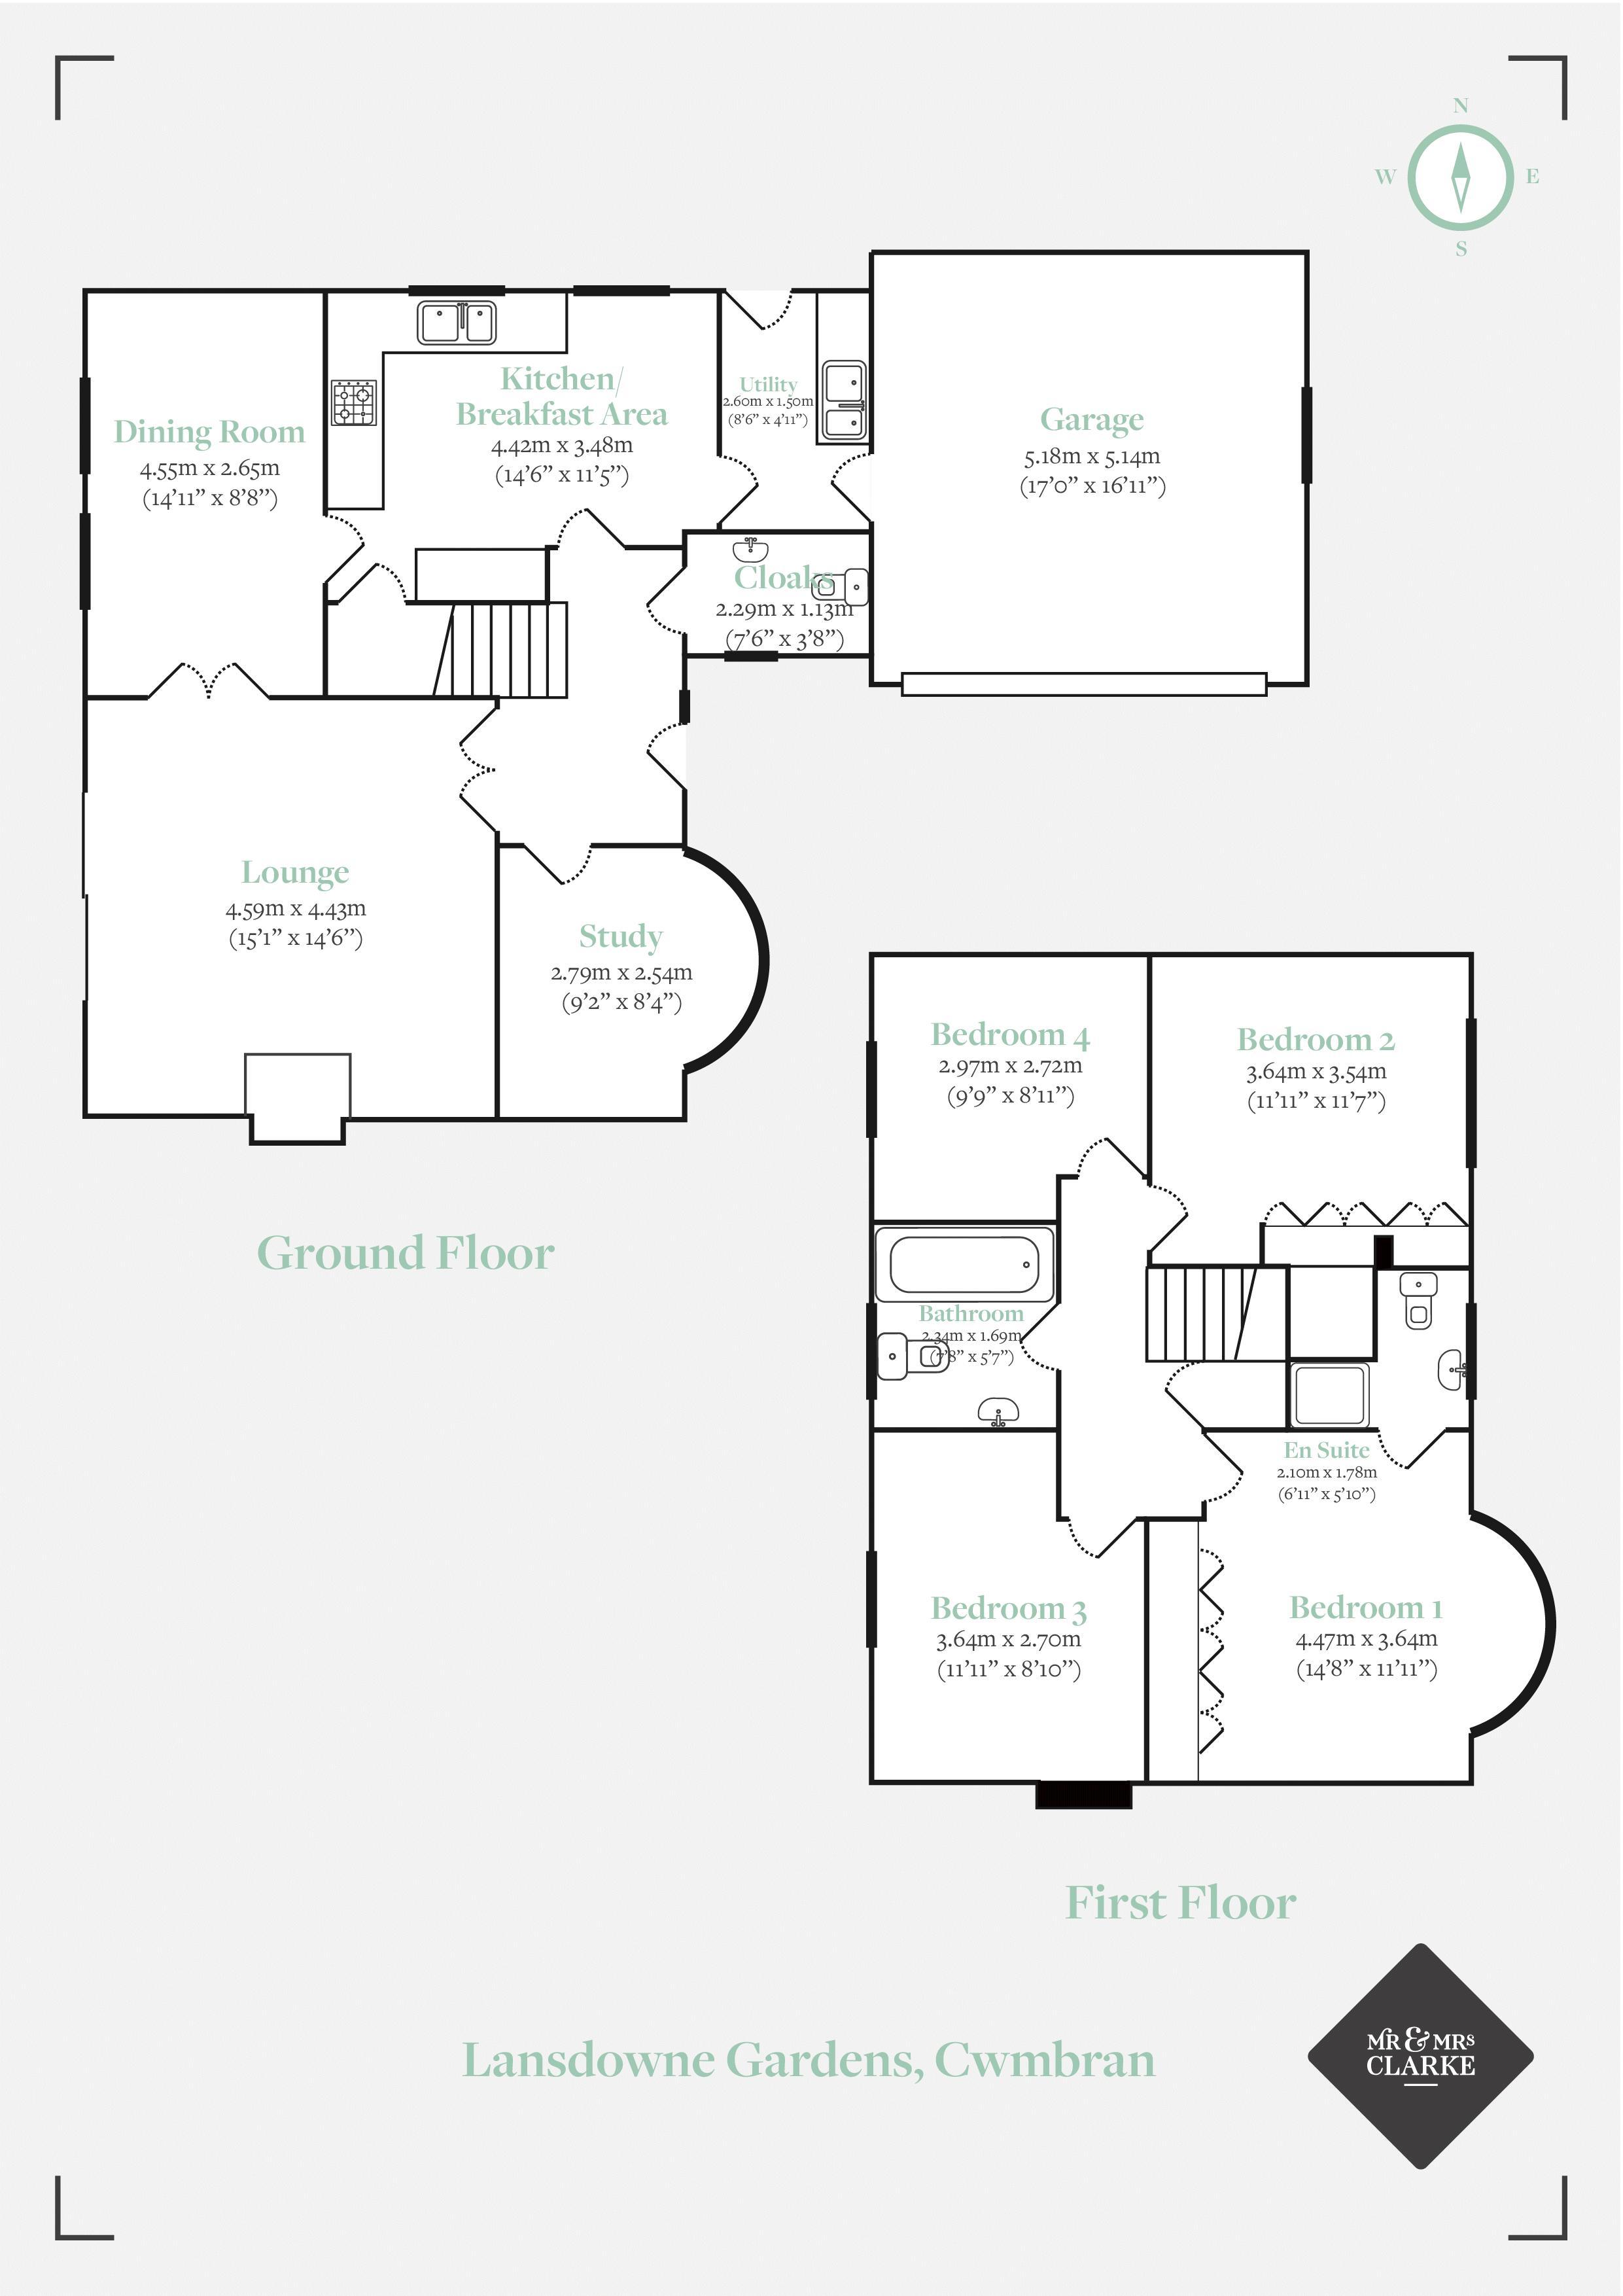 Lansdowne Gardens, Cwmbran. Floorplan. Floor Plan.